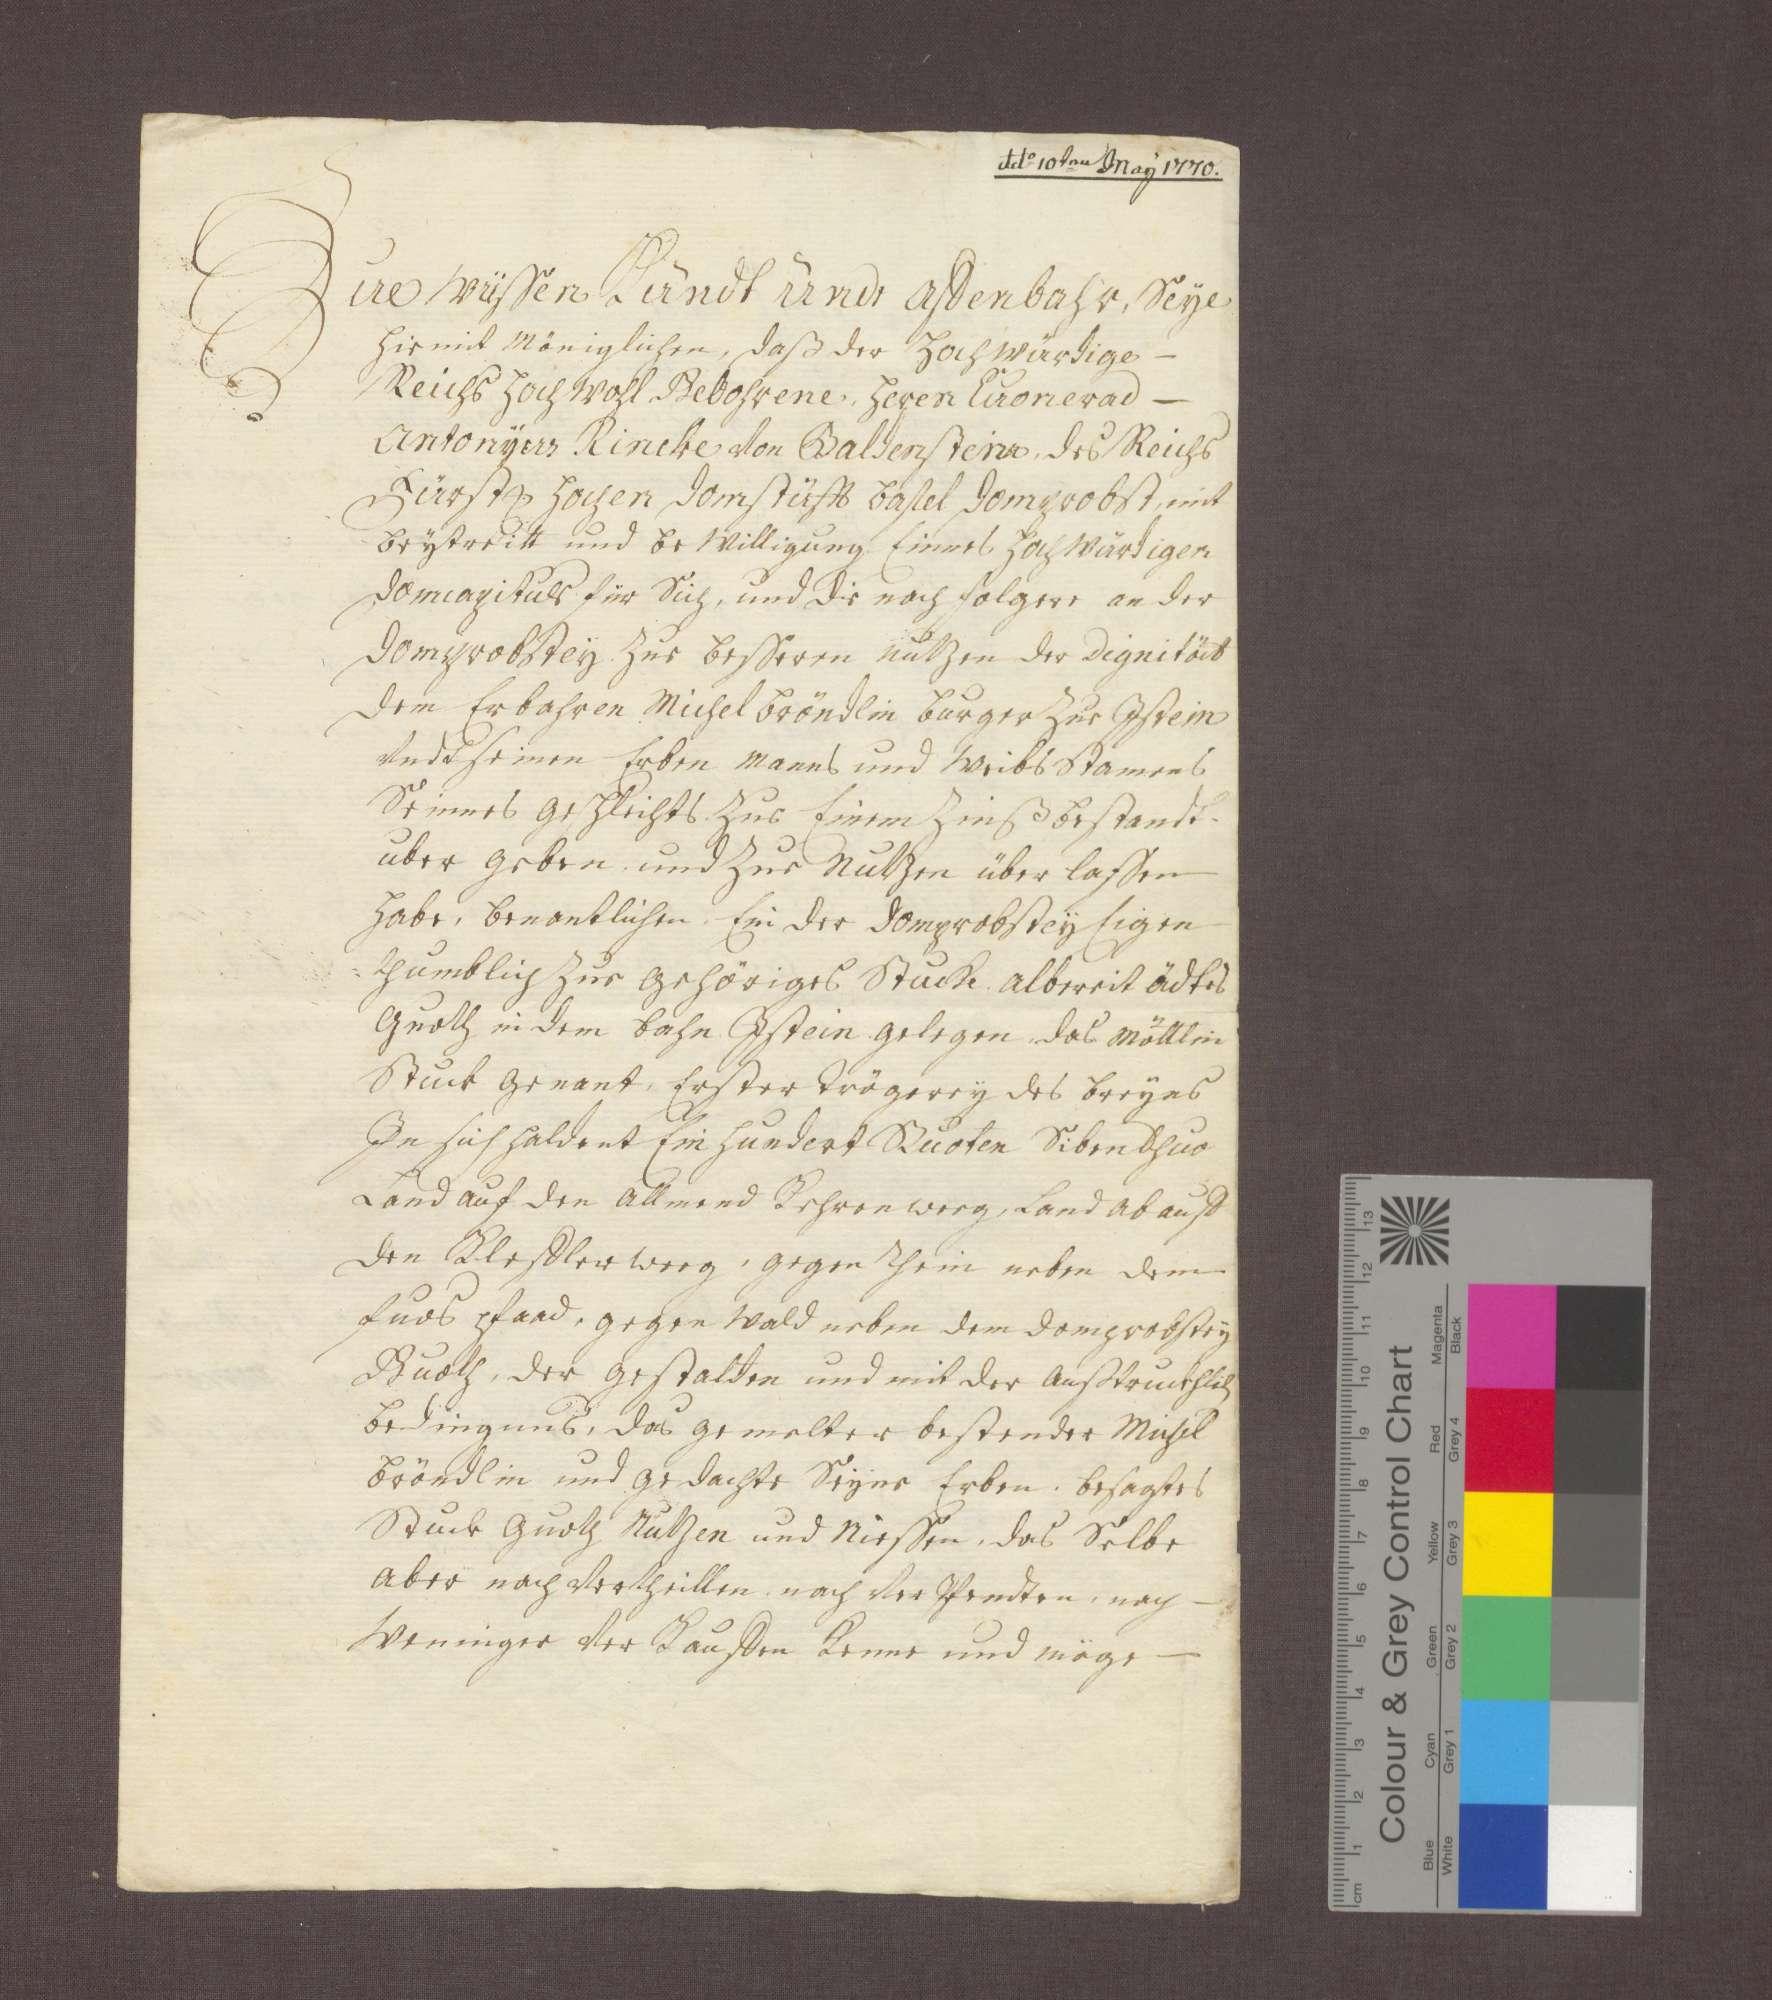 Die Basler Dompropstei überlässt dem Michel Brändlin zu Istein ein ödes Gut gegen eine Gült., Bild 1